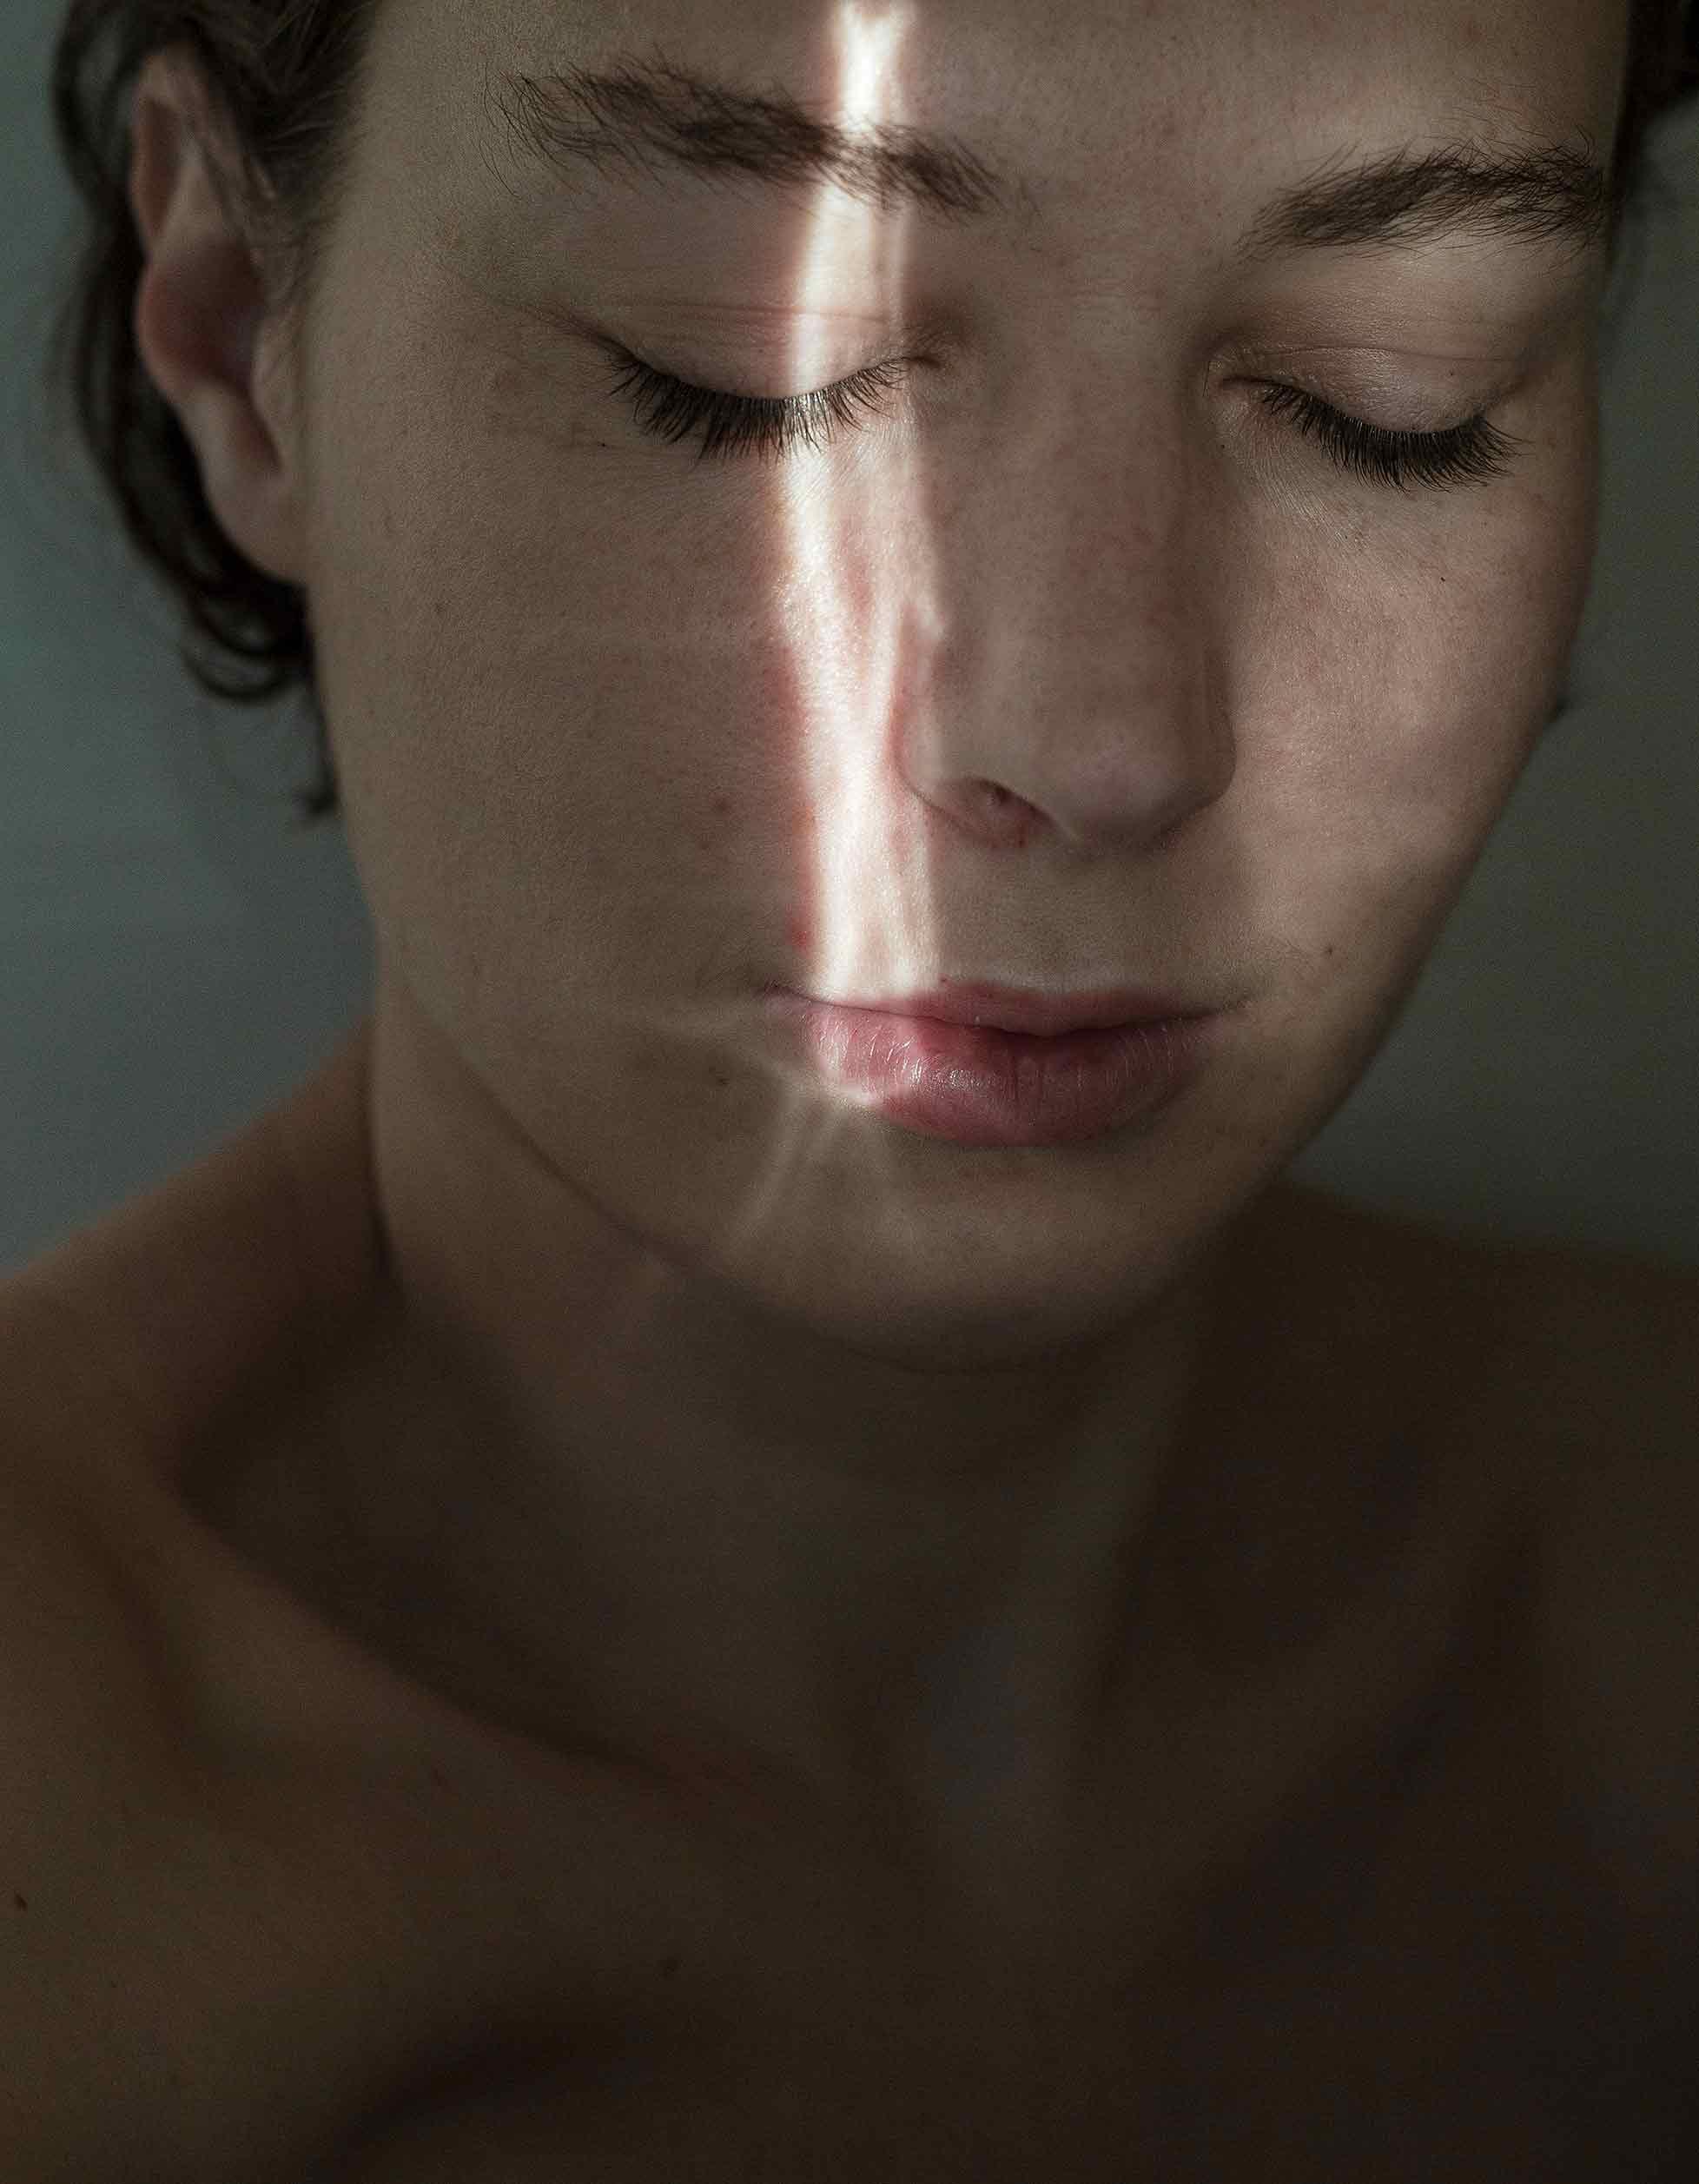 Карина Ортнер, по мъж Димова, е една от победителките в тазгодишния конкурс с фотографията ''Healing light'' (''Лечебна светлина'').